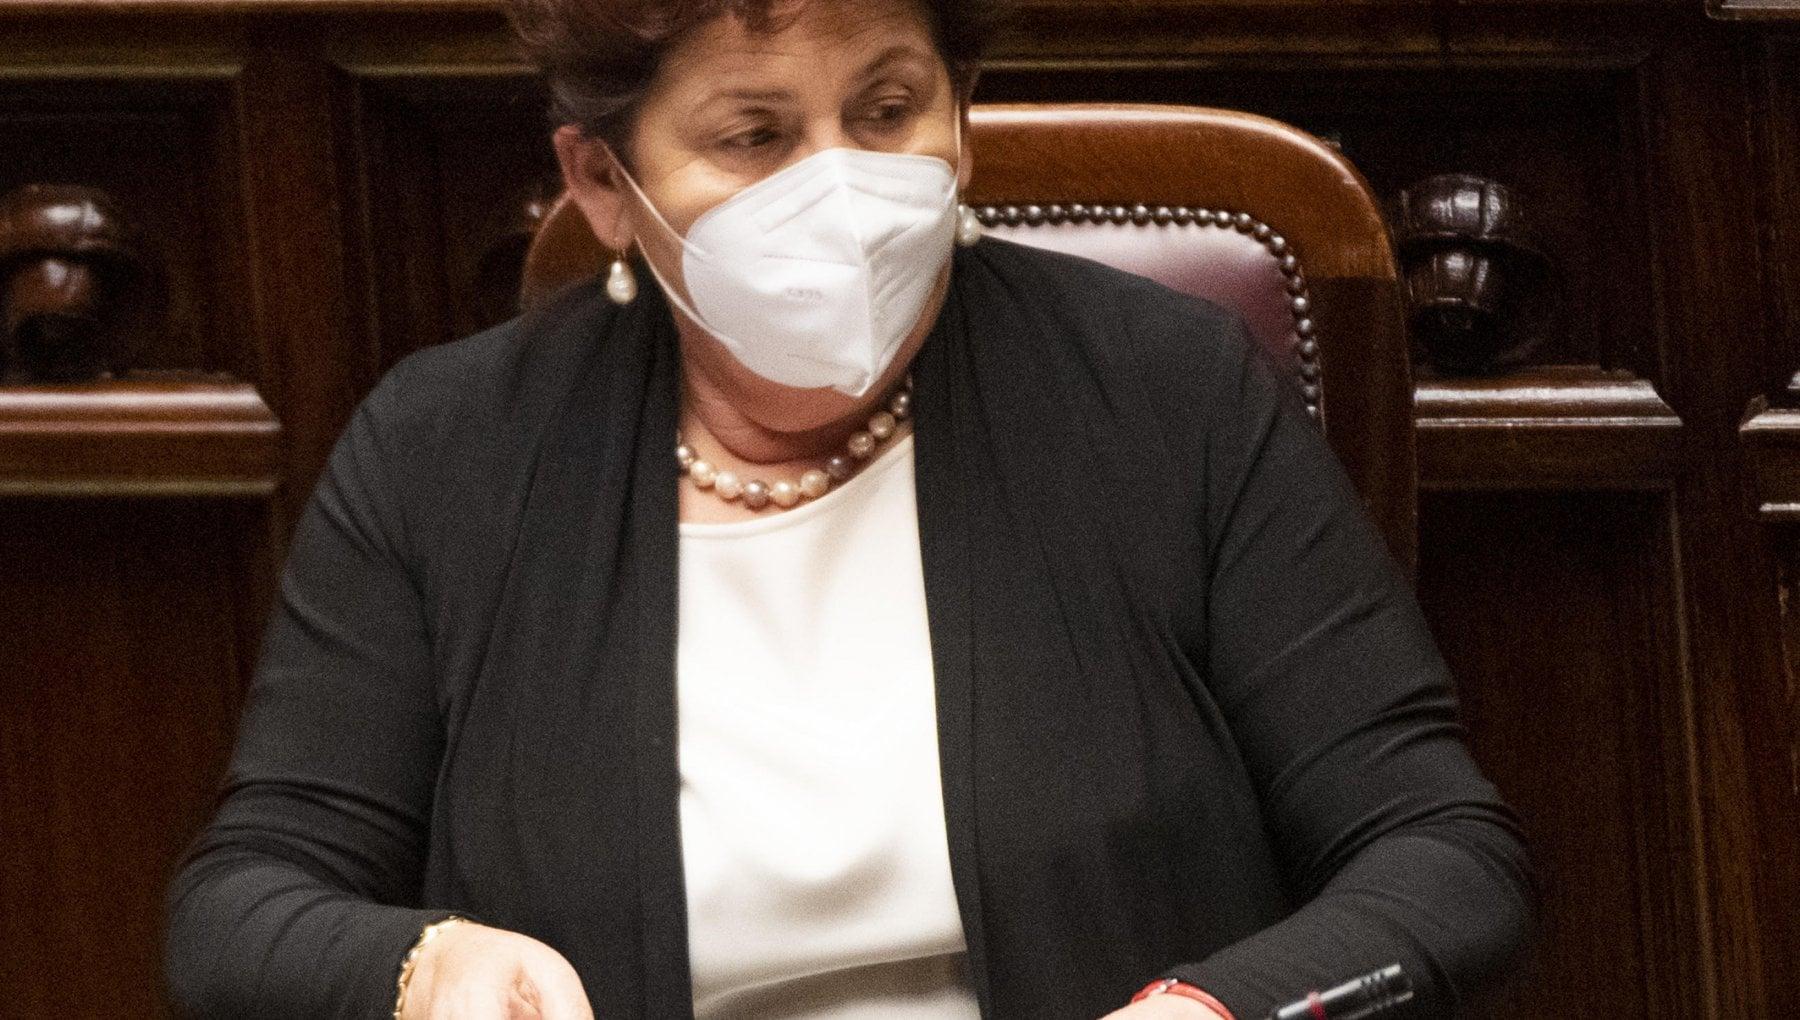 Il virus e il nuovo decreto Bellanova Basta scaricabarile nello scontro governo Regioni la pandemia va governata